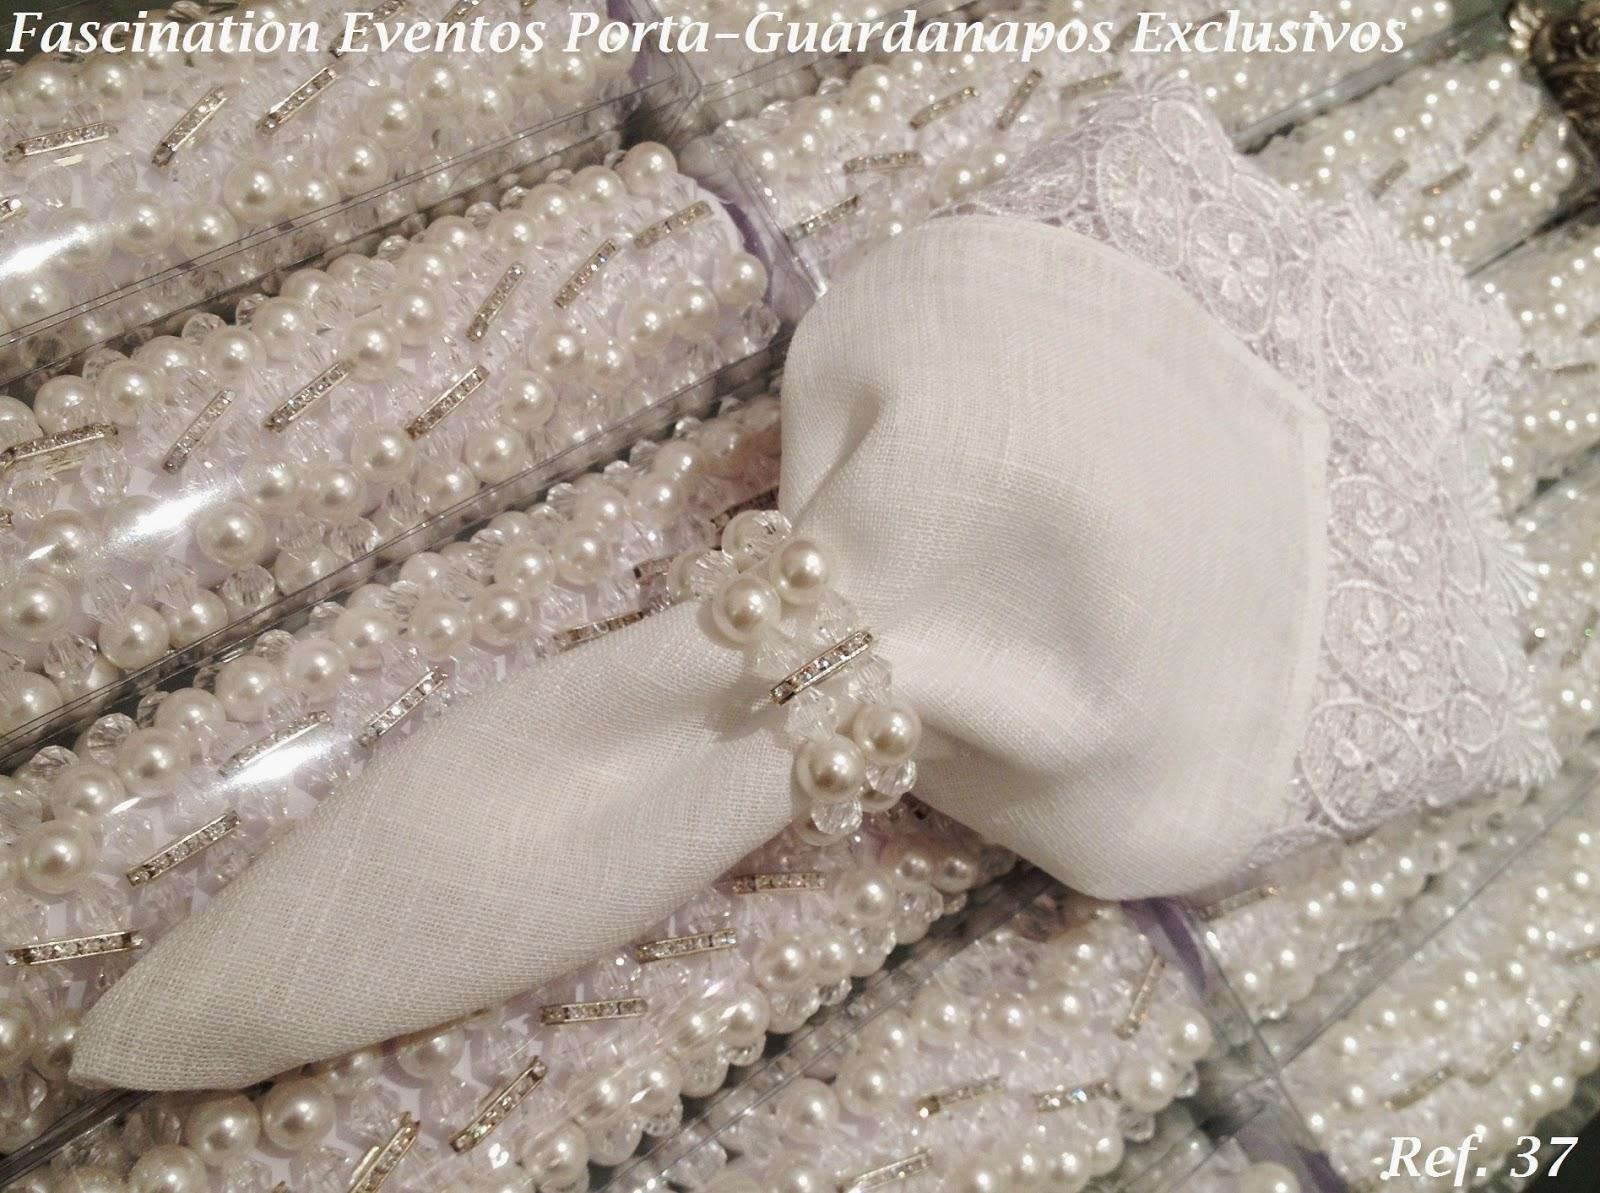 porta-guardanapos exclusivos para casamentos e eventos em geral